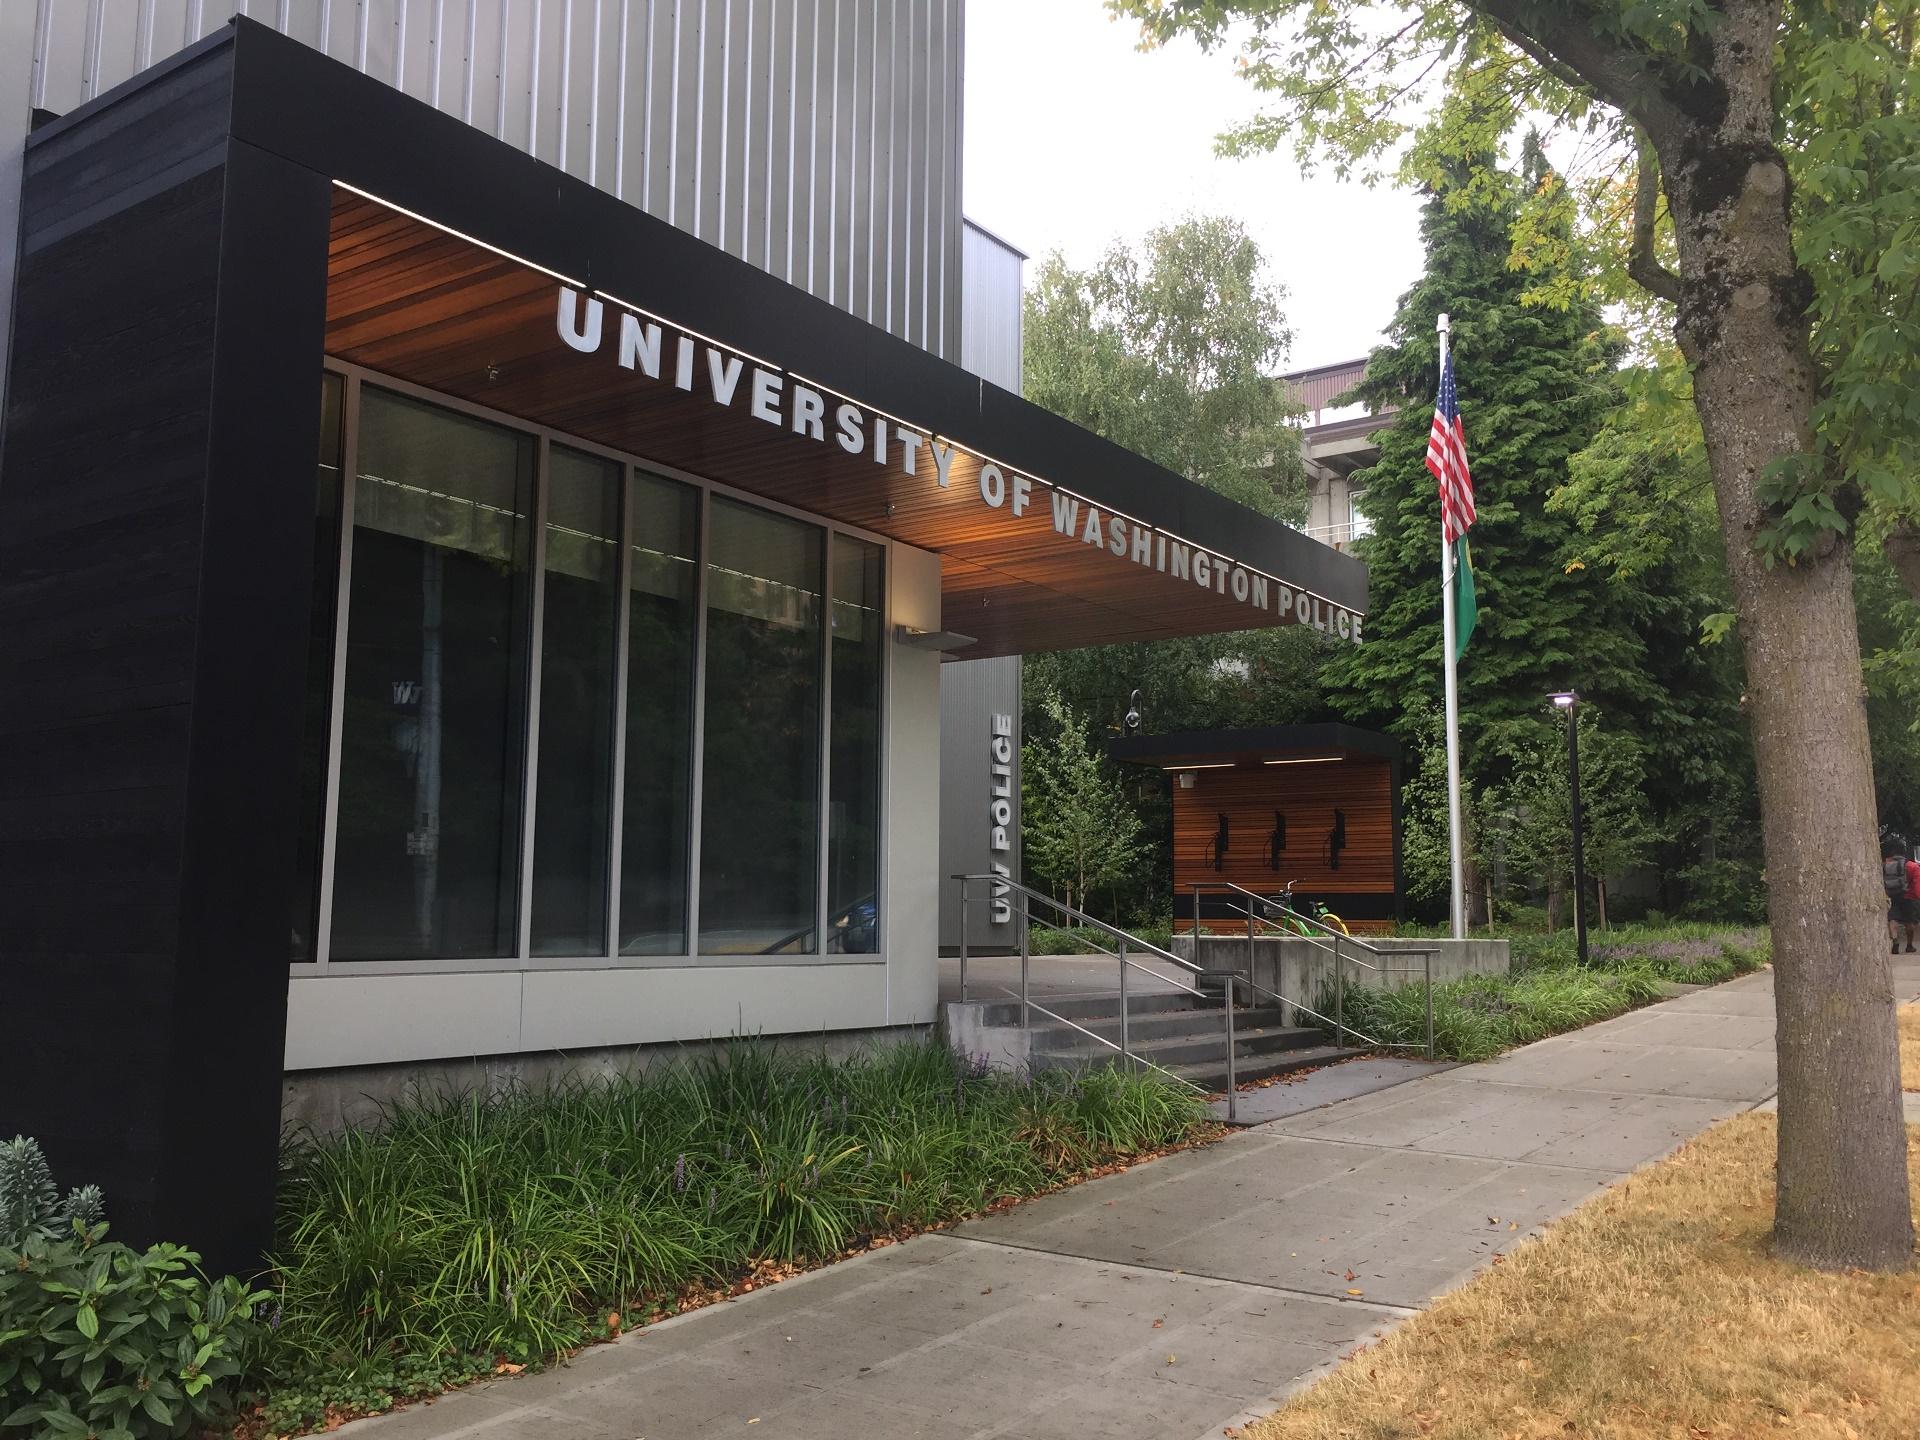 University of Washington Police HQ Photo